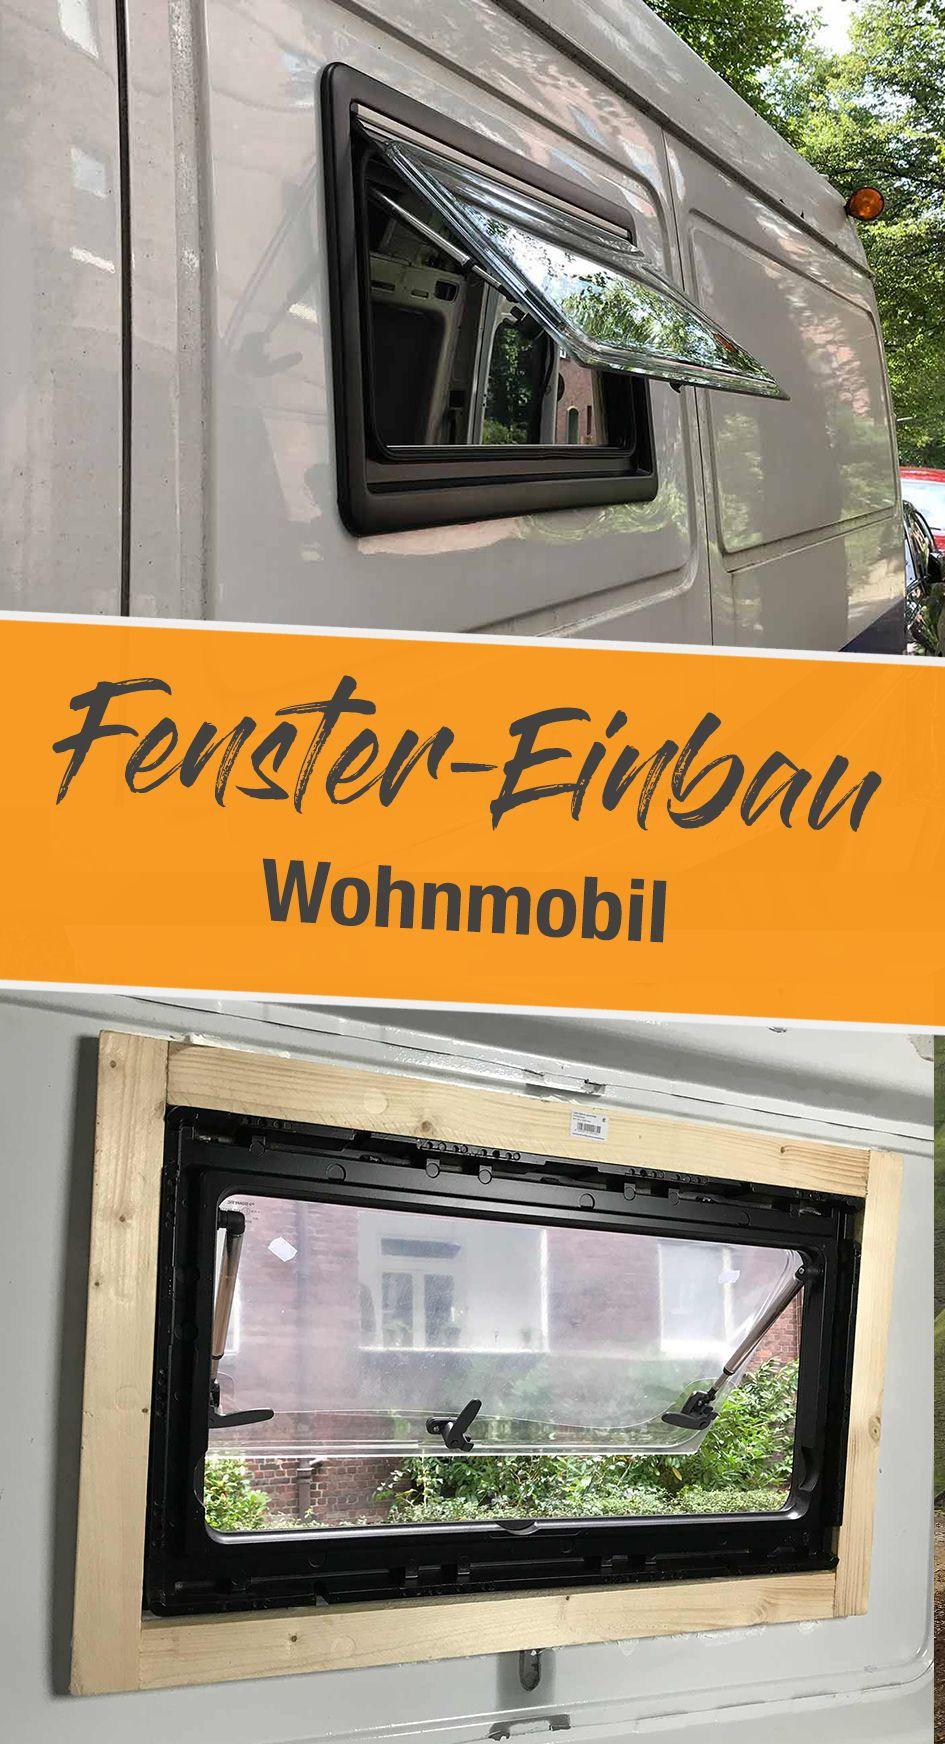 Wohnmobil Fenster einbauen – Einbauanleitung und Kosten | Home Mob ...